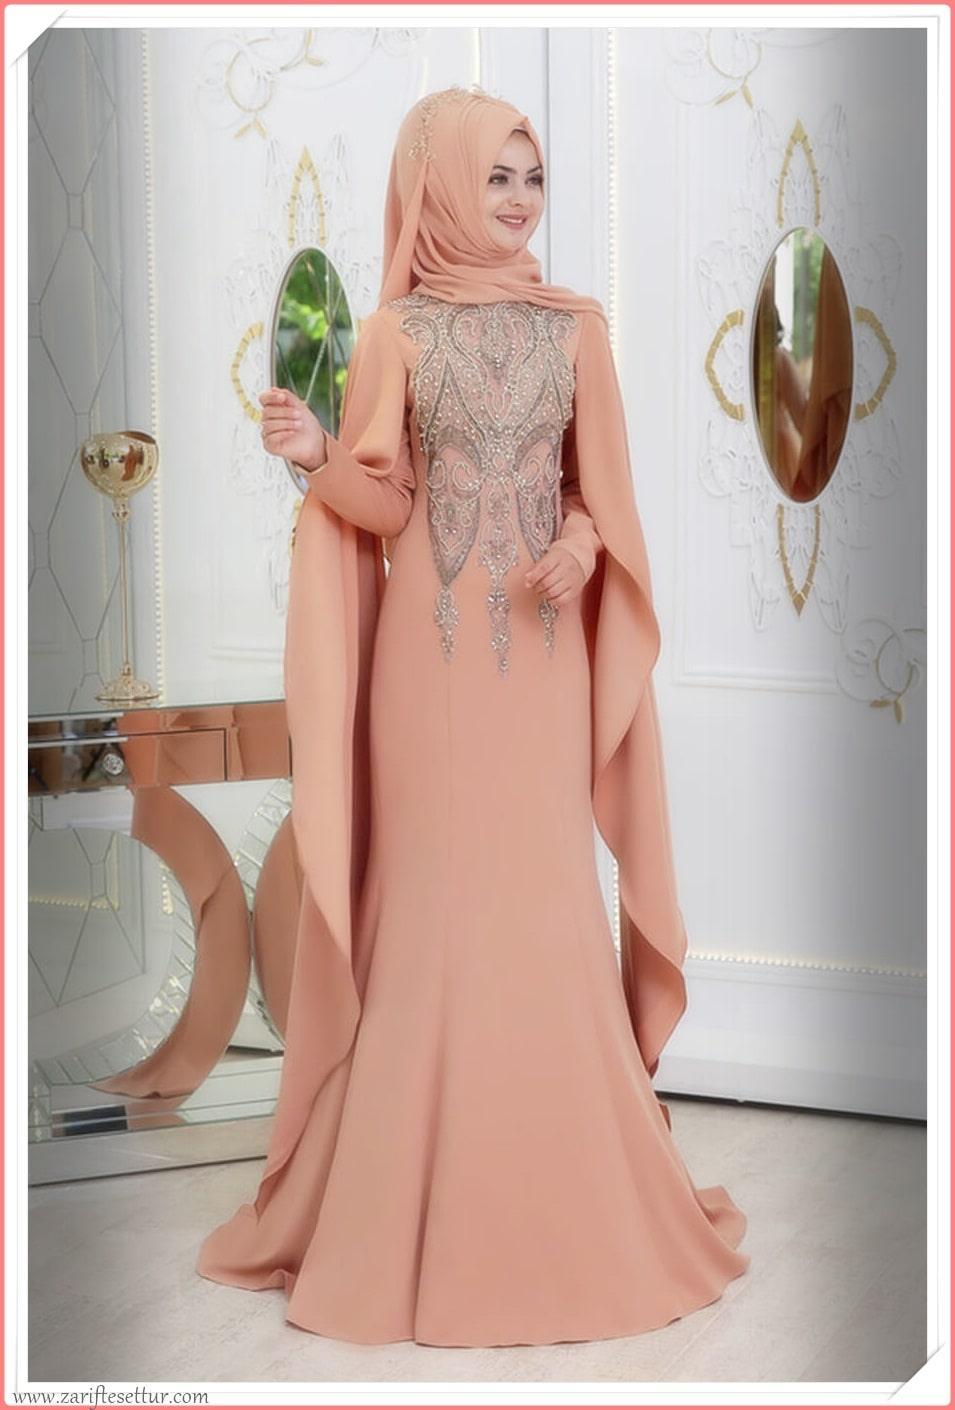 tesettürlü nişan elbiseleri 2021,tesettür abiye modelleri,en güzel abiye elbiseler tesettürlü,yeni tesettür abiye nişan 2021,nişan elbisesi modelleri 2021,yeni sezon